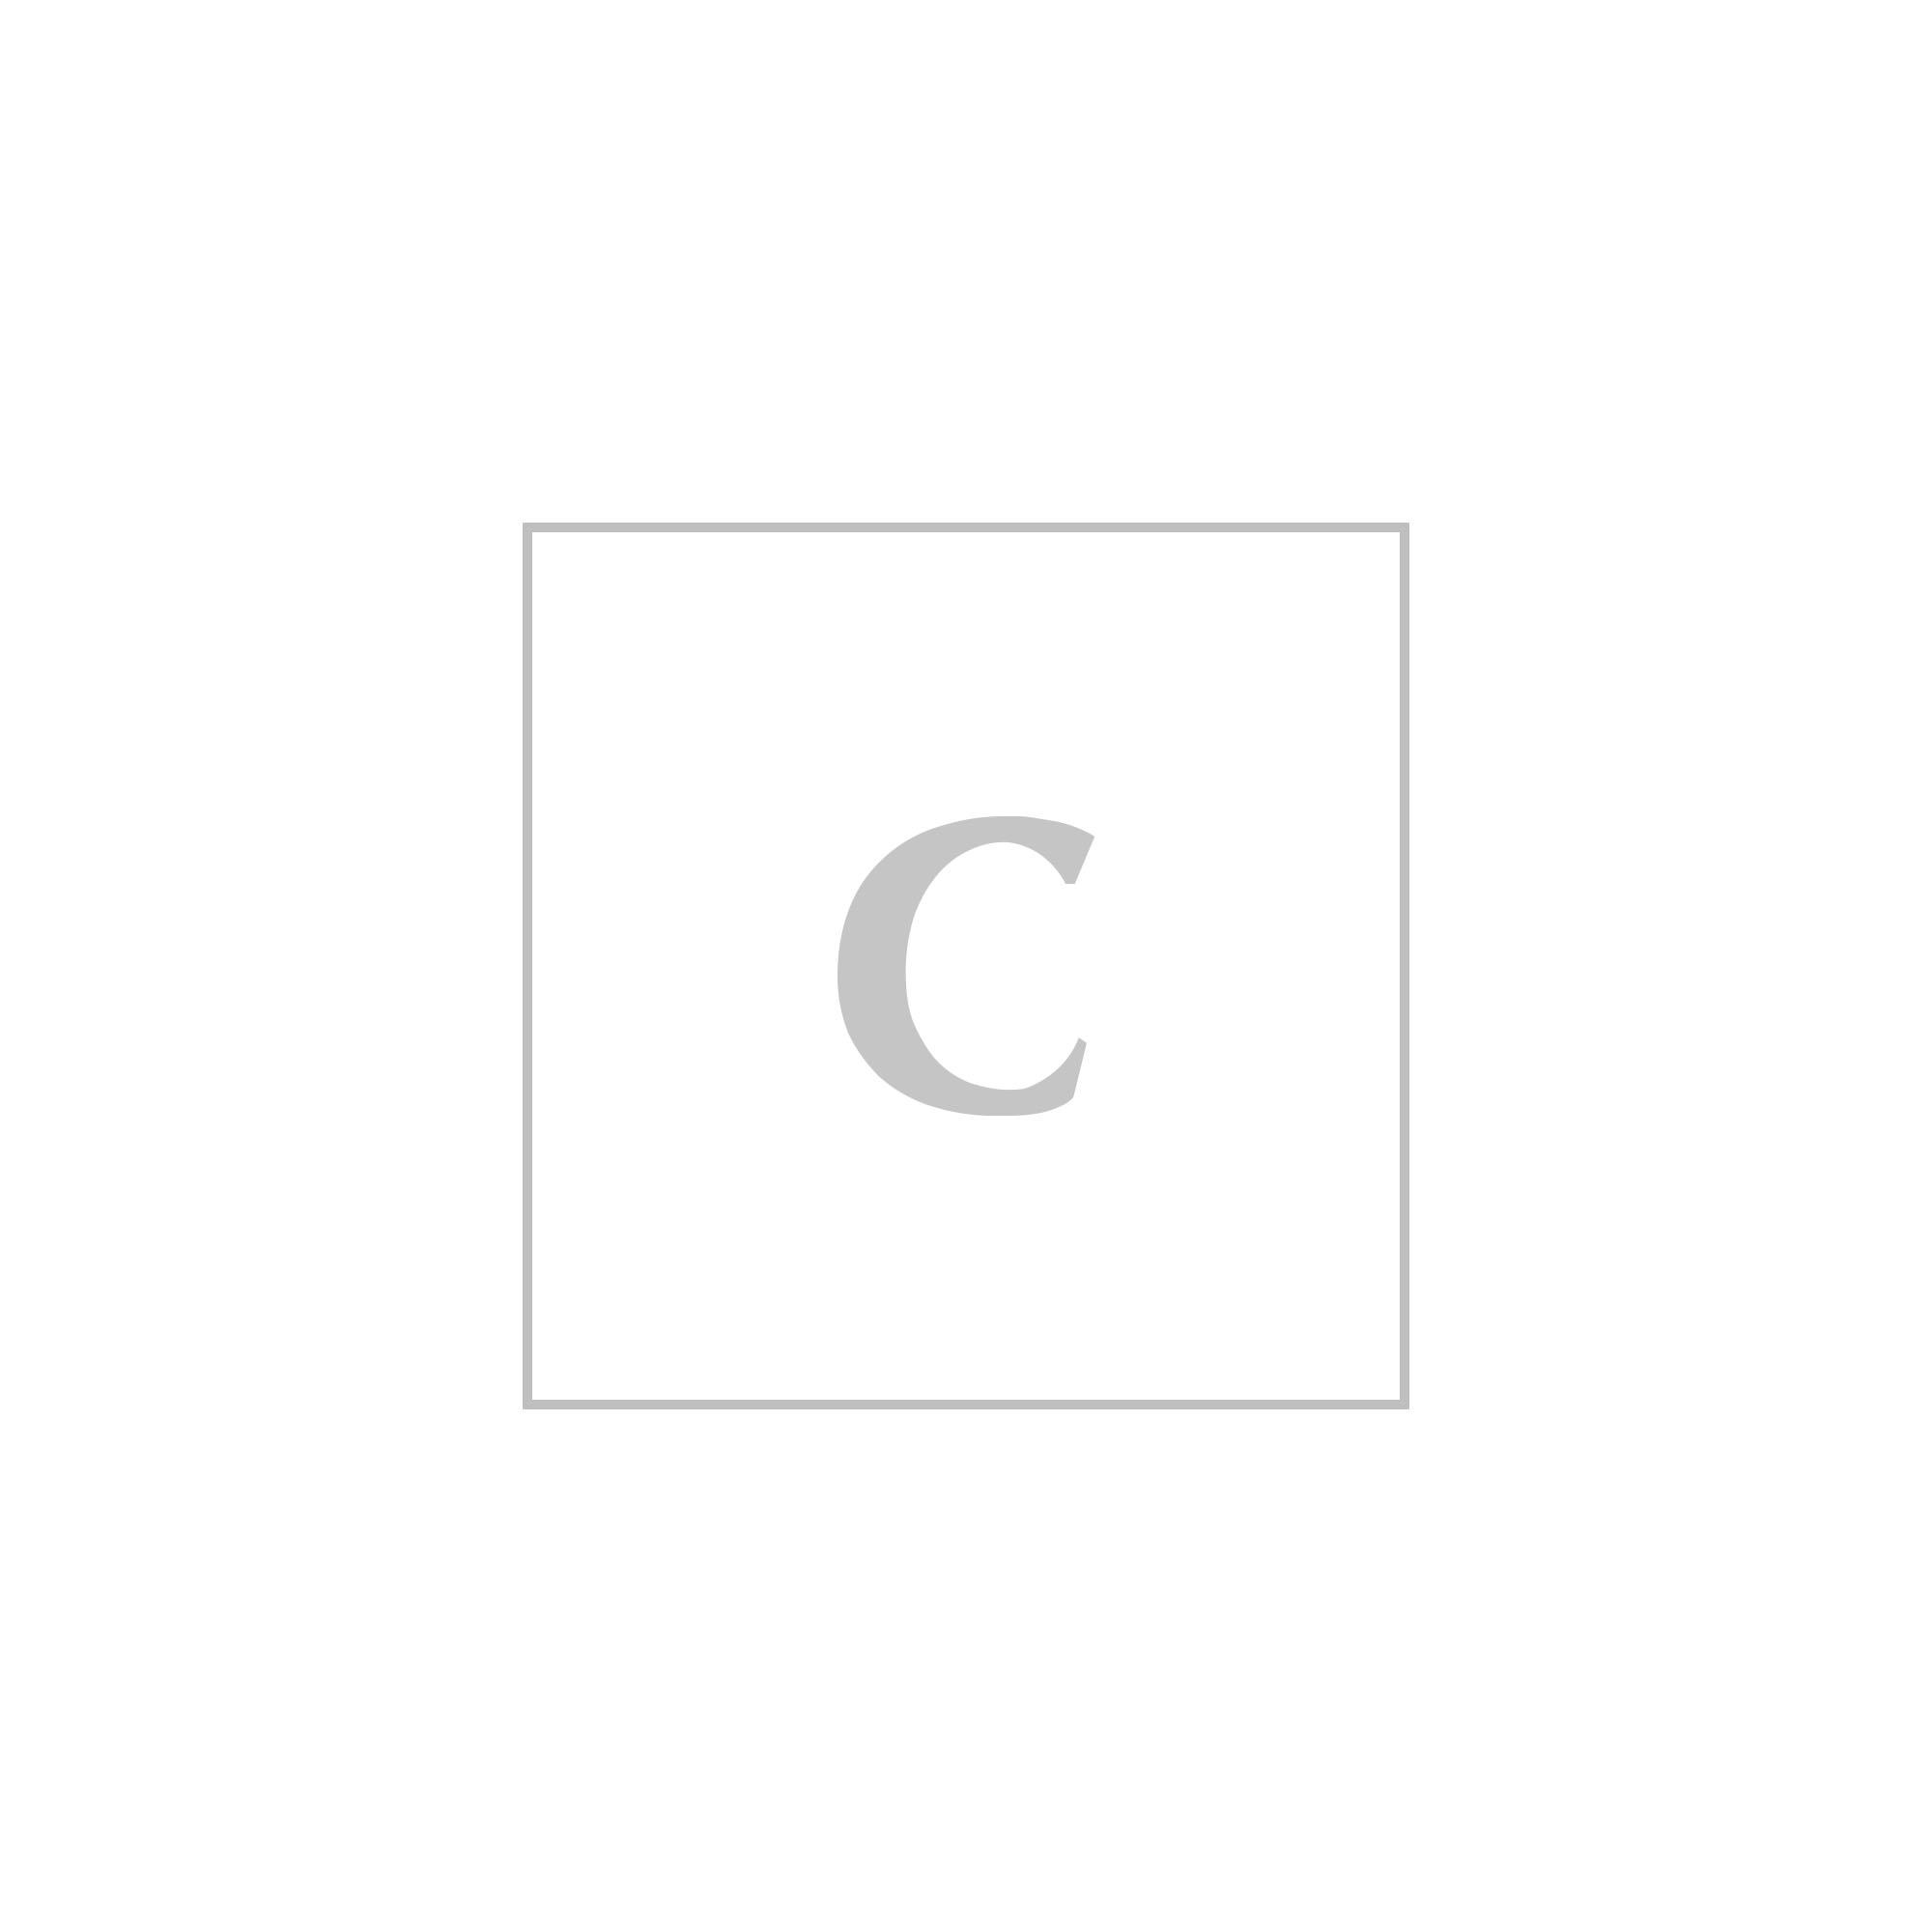 Moncler capsule felpa